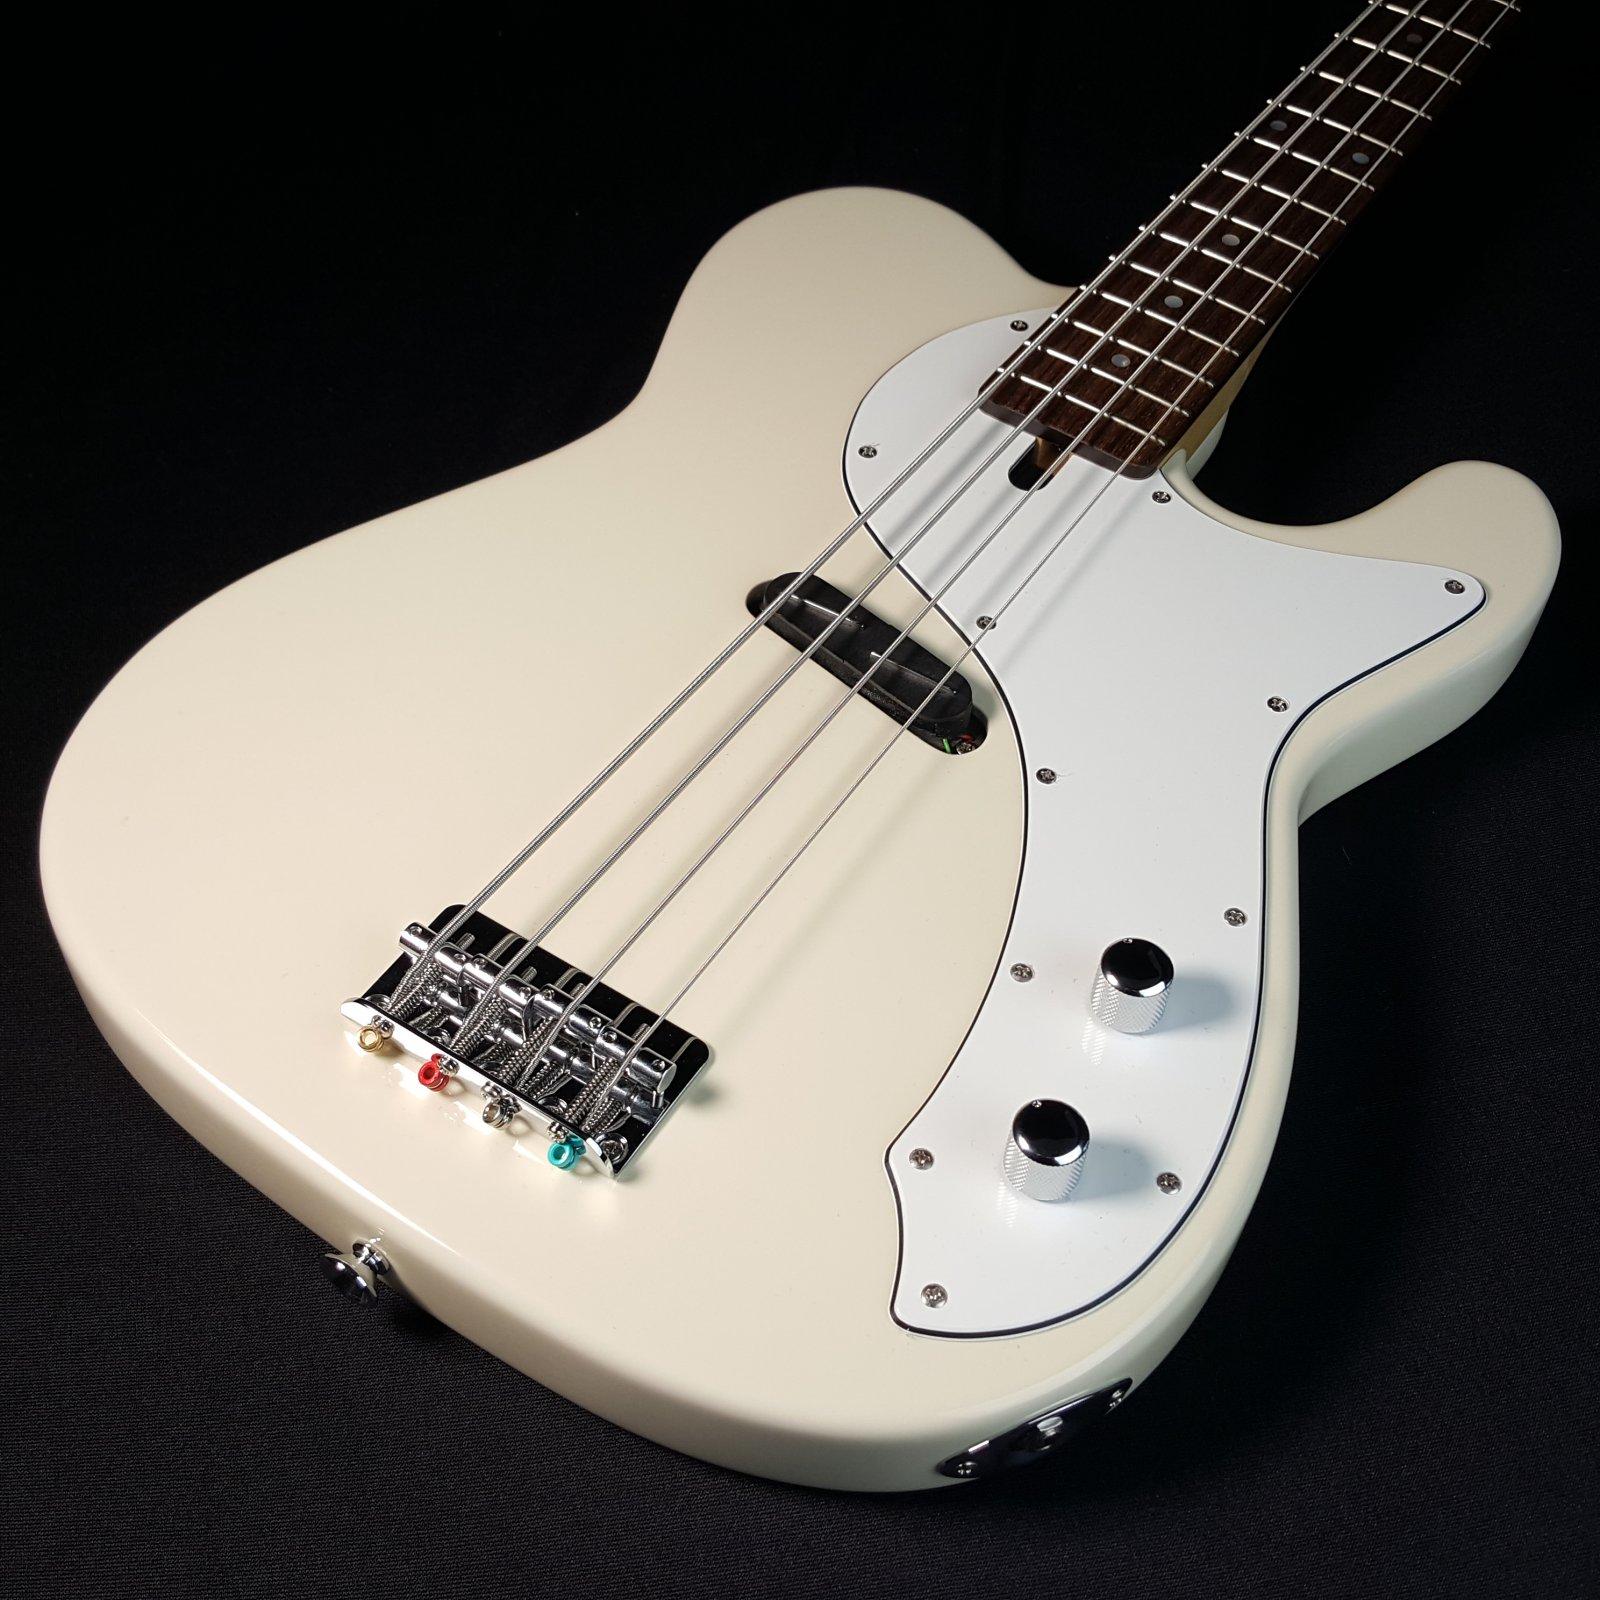 Maruszczyk Mr. Tee 4p 4 String Bass Vintage White